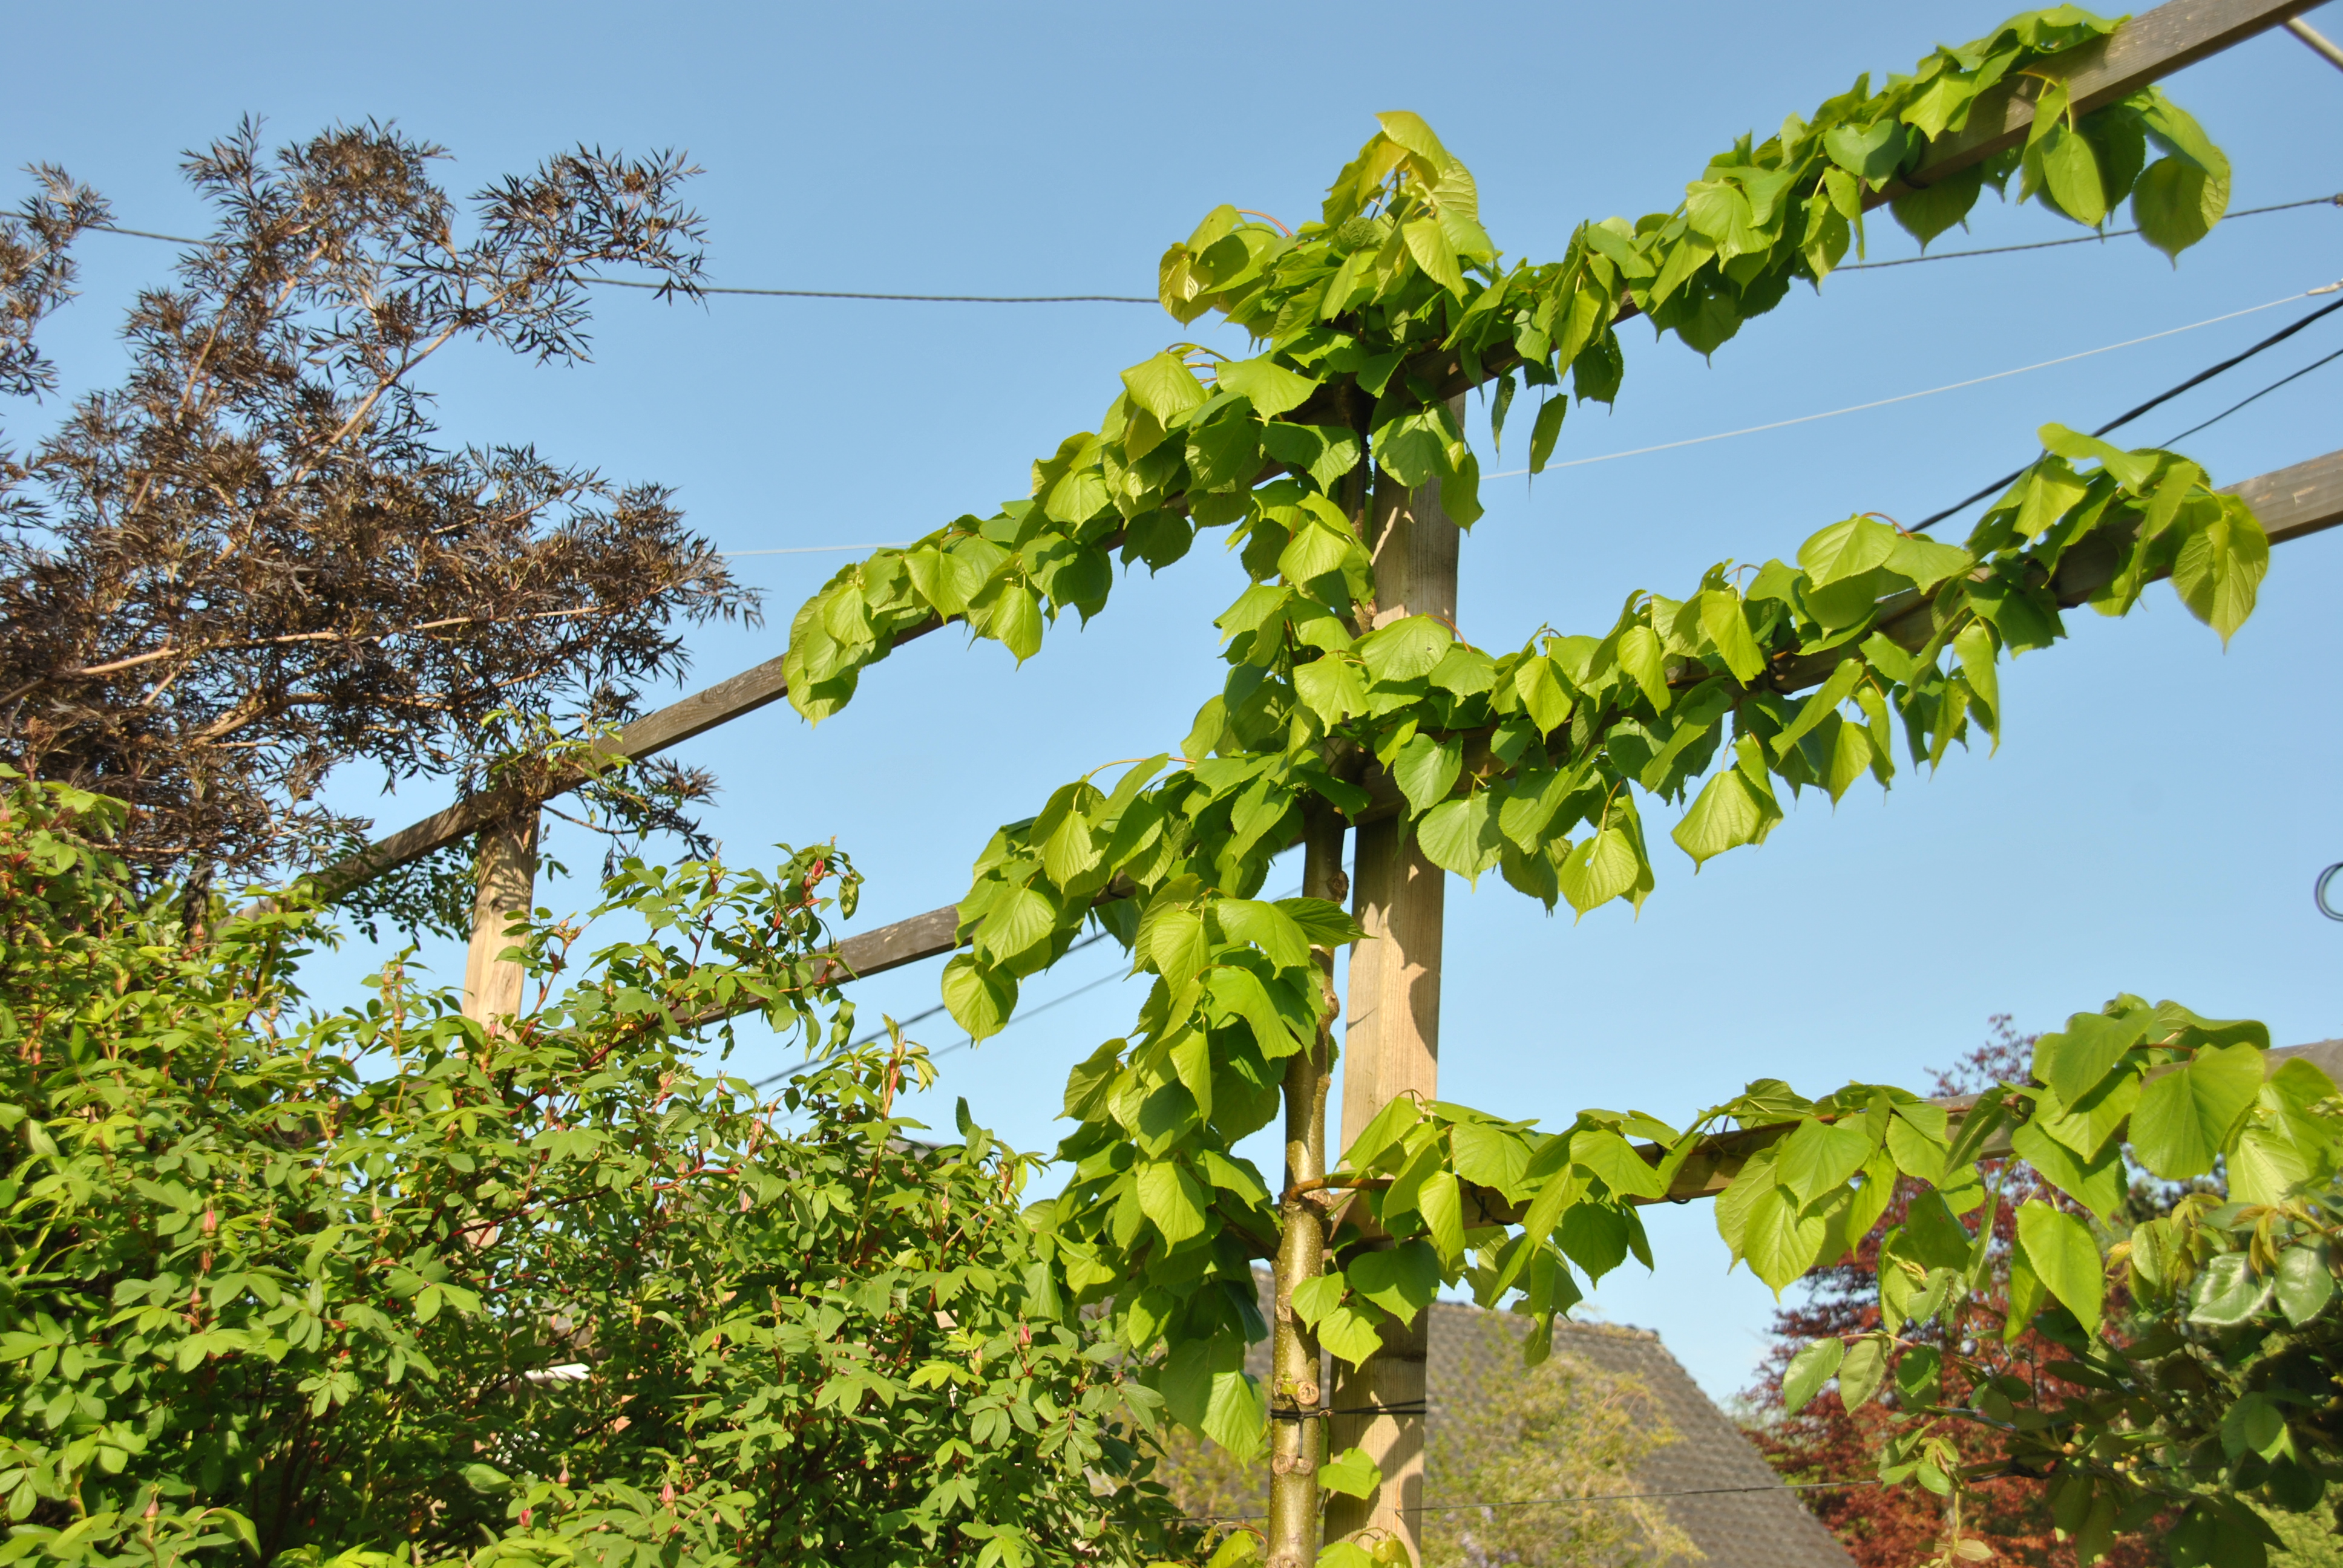 Faire Une Palissade Avec Des Branches ma palissade de tilleuls - les jardins de malorie